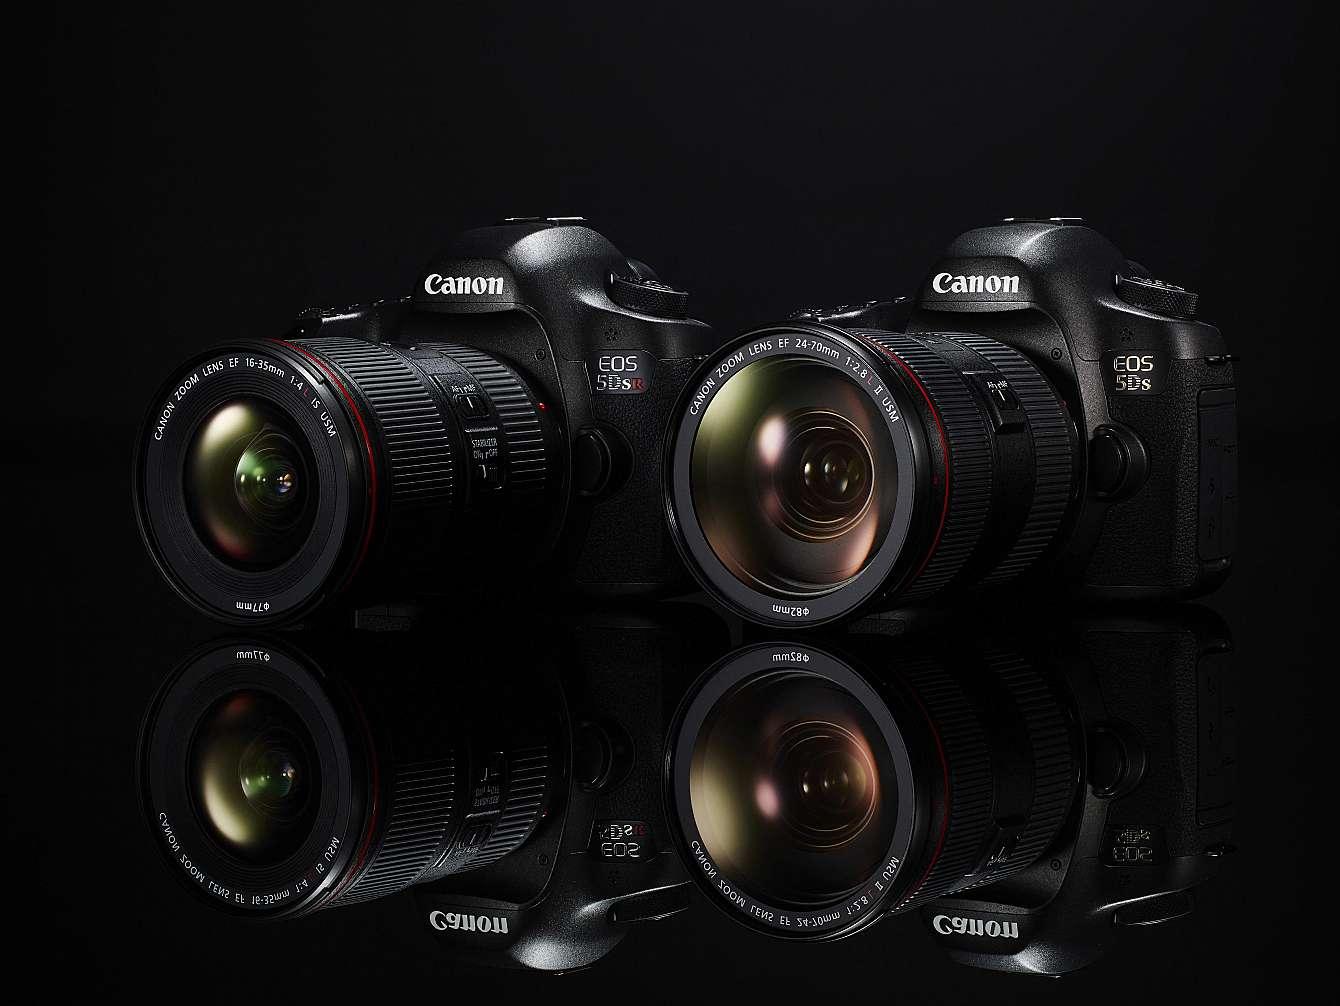 Nya Canon 5DS och 5DS R